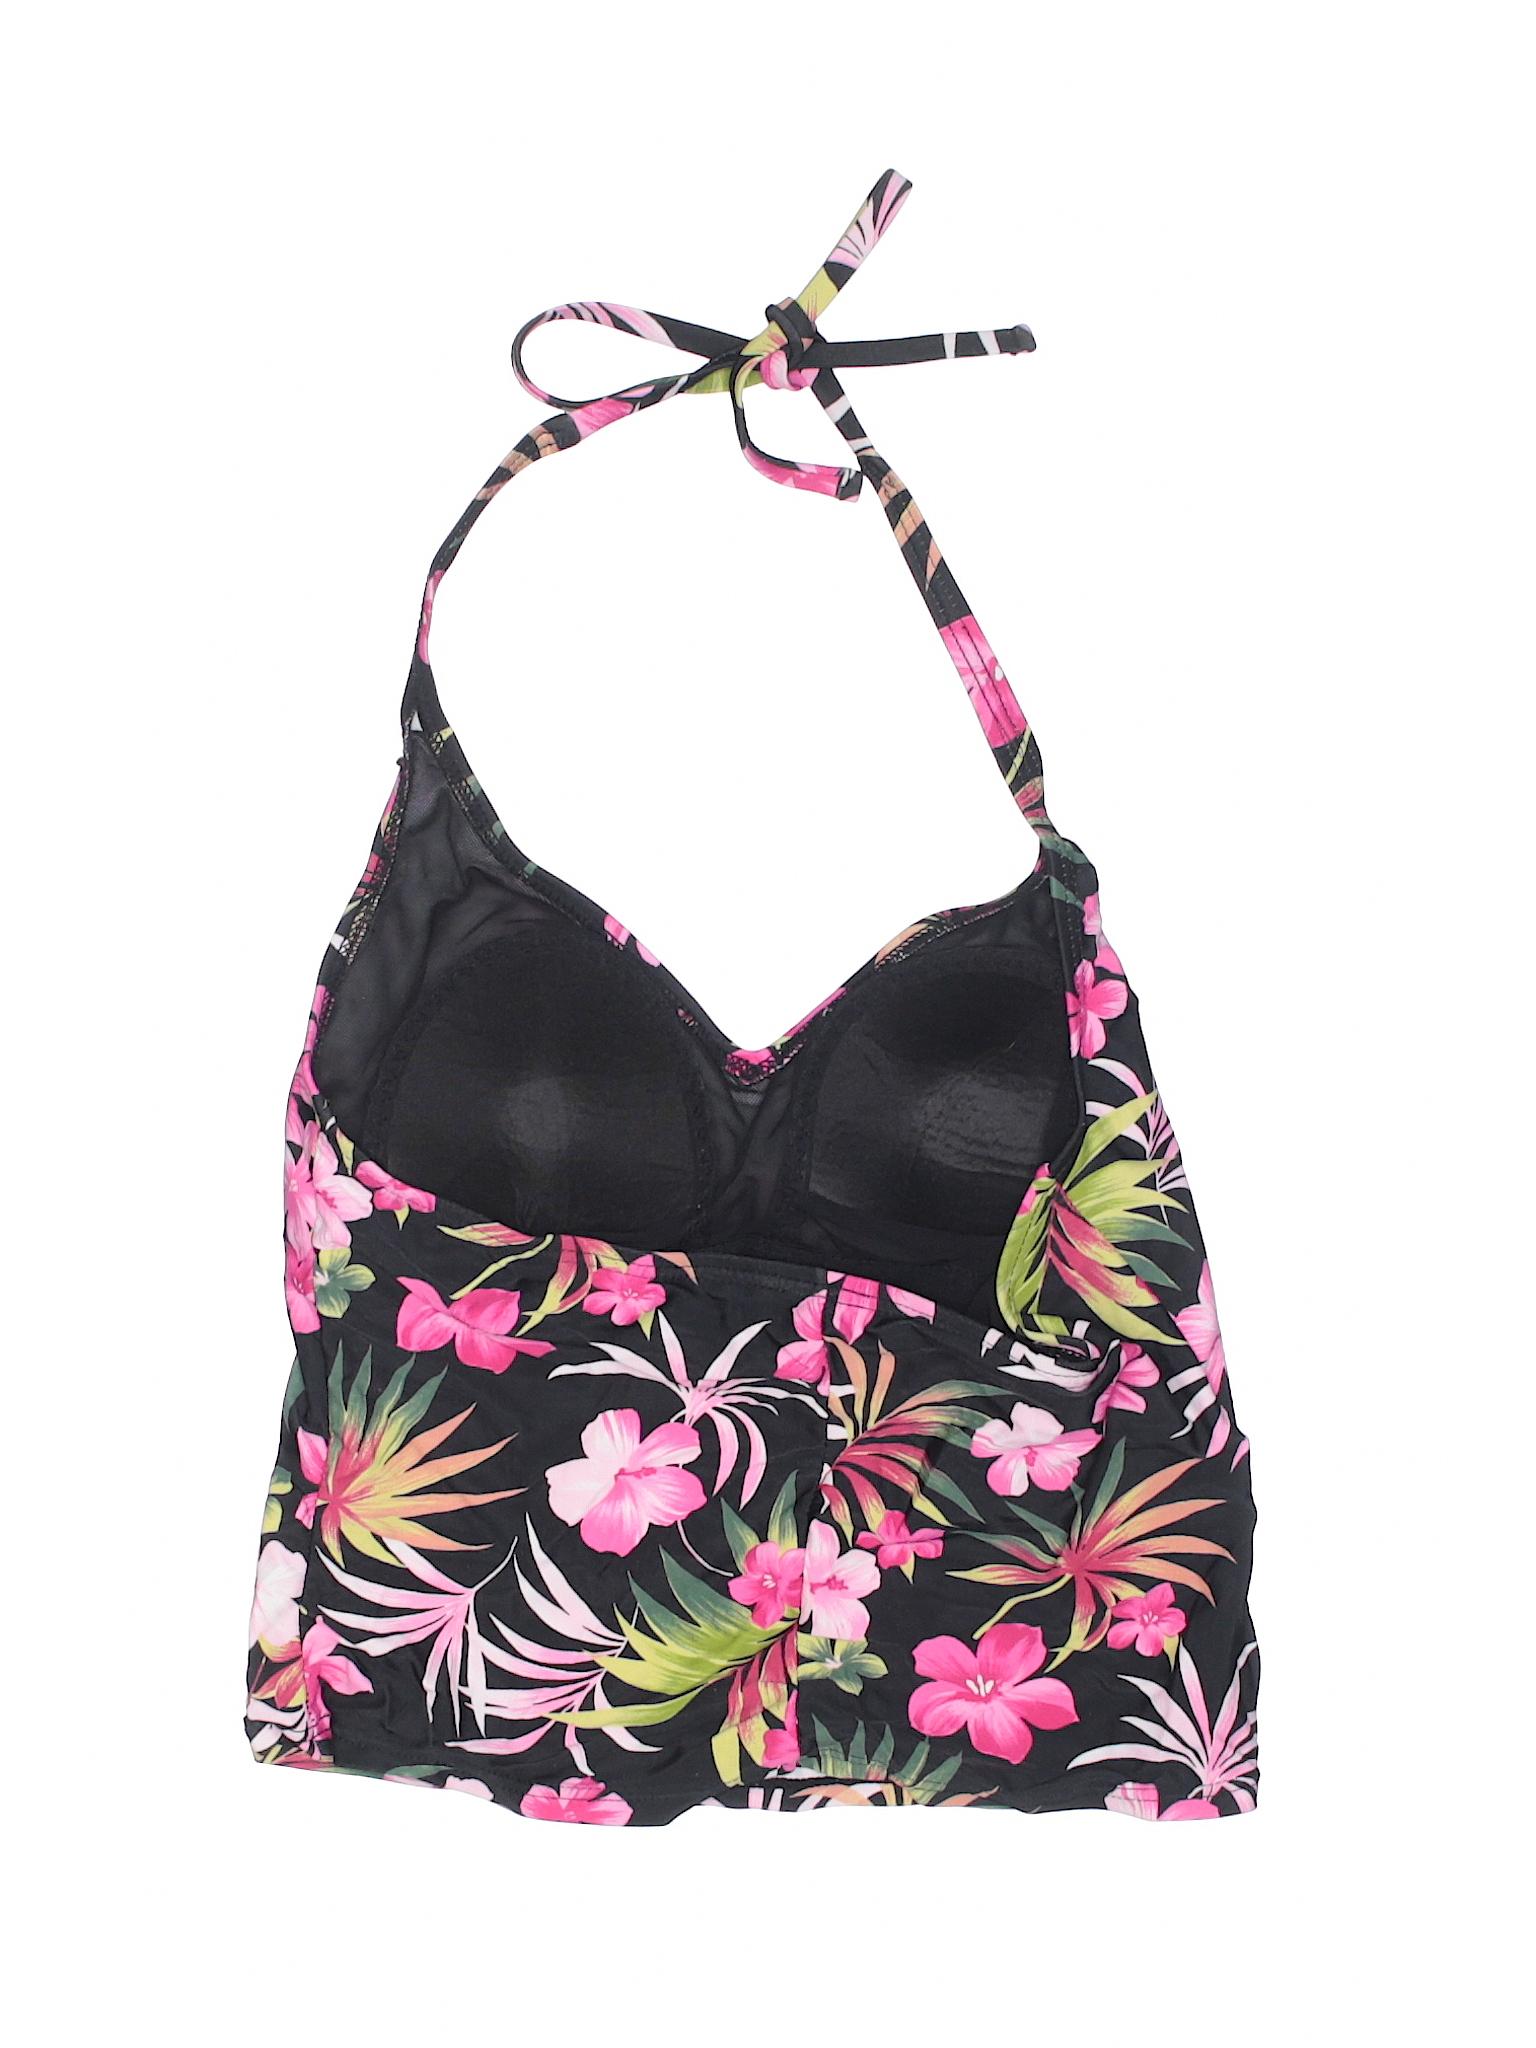 Swimsuit Boutique Top Aqua Boutique Aqua 1gxSqwT61